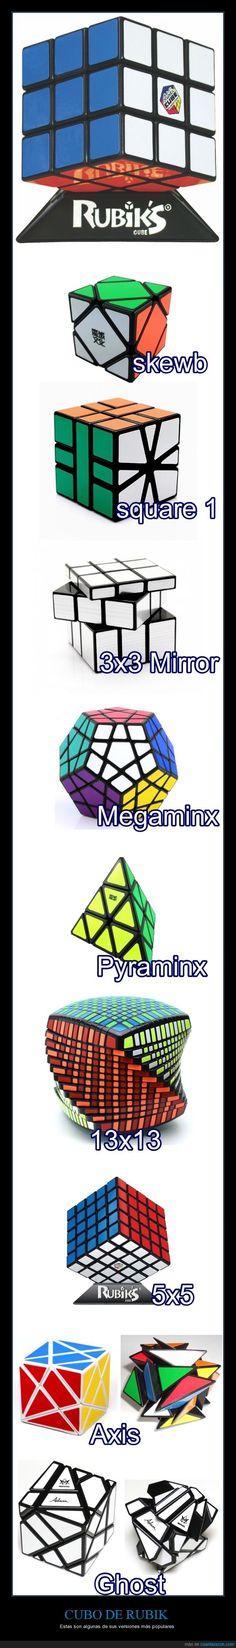 Cubo de rubik, la cosa se complica - Estas son algunas de sus versiones más populares